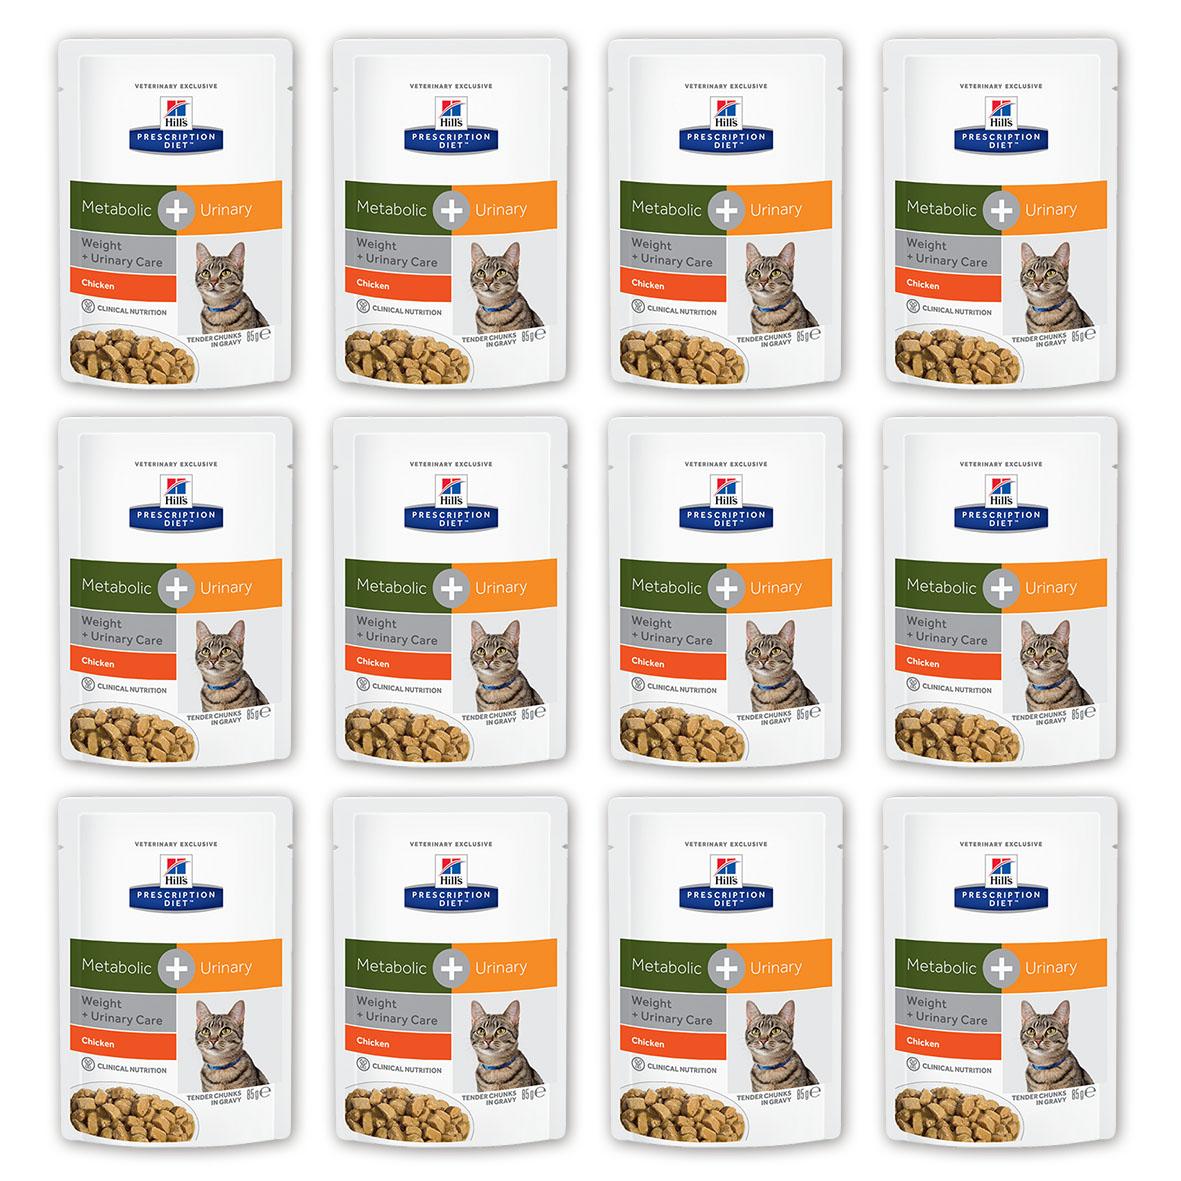 Консервы для кошек Hills Metabolic + Urinary, для коррекции веса при урологических заболеваниях, с курицей, 85 г, 12 шт10048_12Консервы Hills Metabolic + Urinary - полноценный диетический рацион с клинически доказанной способностью уменьшать вероятность повторного проявления основных признаков заболеваний нижнего отдела мочевыводящих путей, и снижать вес на 11% за 60 дней. Ключевые преимущества - Комплекс нутриентов c клинически доказанной эффективностью в рационе Metabolic + Urinary учитывает индивидуальные энергетические потребности кошки, оптимизируя процесс сжигания жиров и влияя на эффективное использование калорий -Позволяет избежать повторного набора веса после прохождения программы по снижению веса - Клинически доказано: эффективно растворяет струвиты - Помогает вашей кошке оставаться сытой и удовлетворенной между кормлениями - Превосходный вкус, который понравится любой кошке. Рационы Hills Prescription Diet клинически протестированы, разработаны для поддержания и коррекции состояния у животных, имеющих проблемы со здоровьем при сохранении...